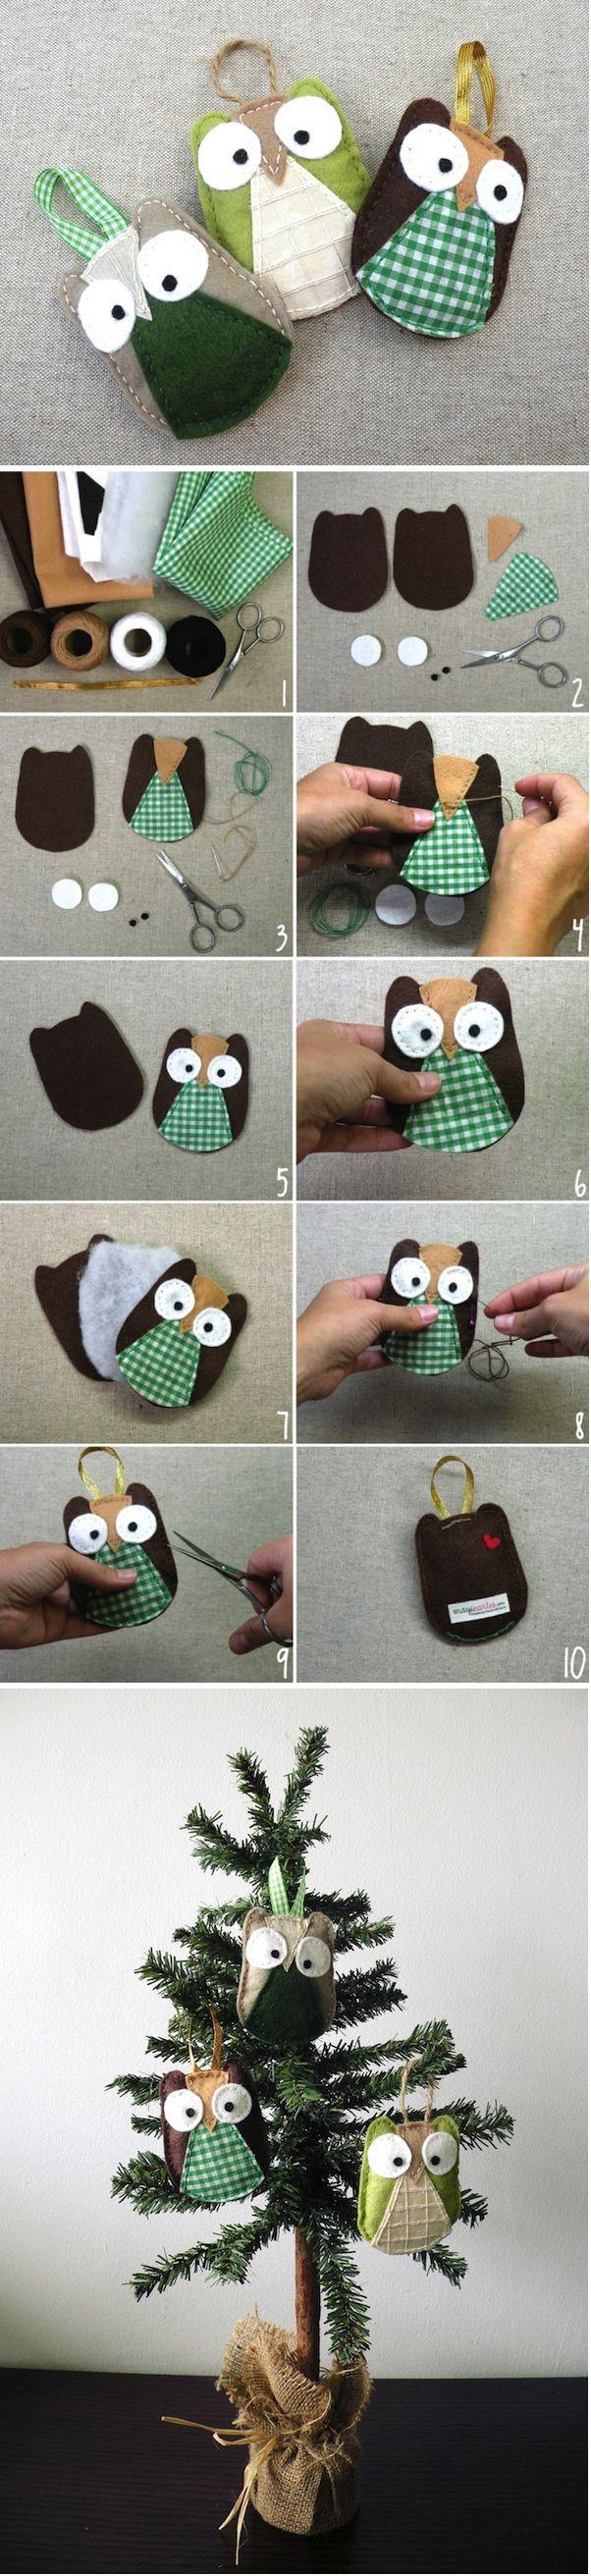 DIY Adorable Owl Ornament